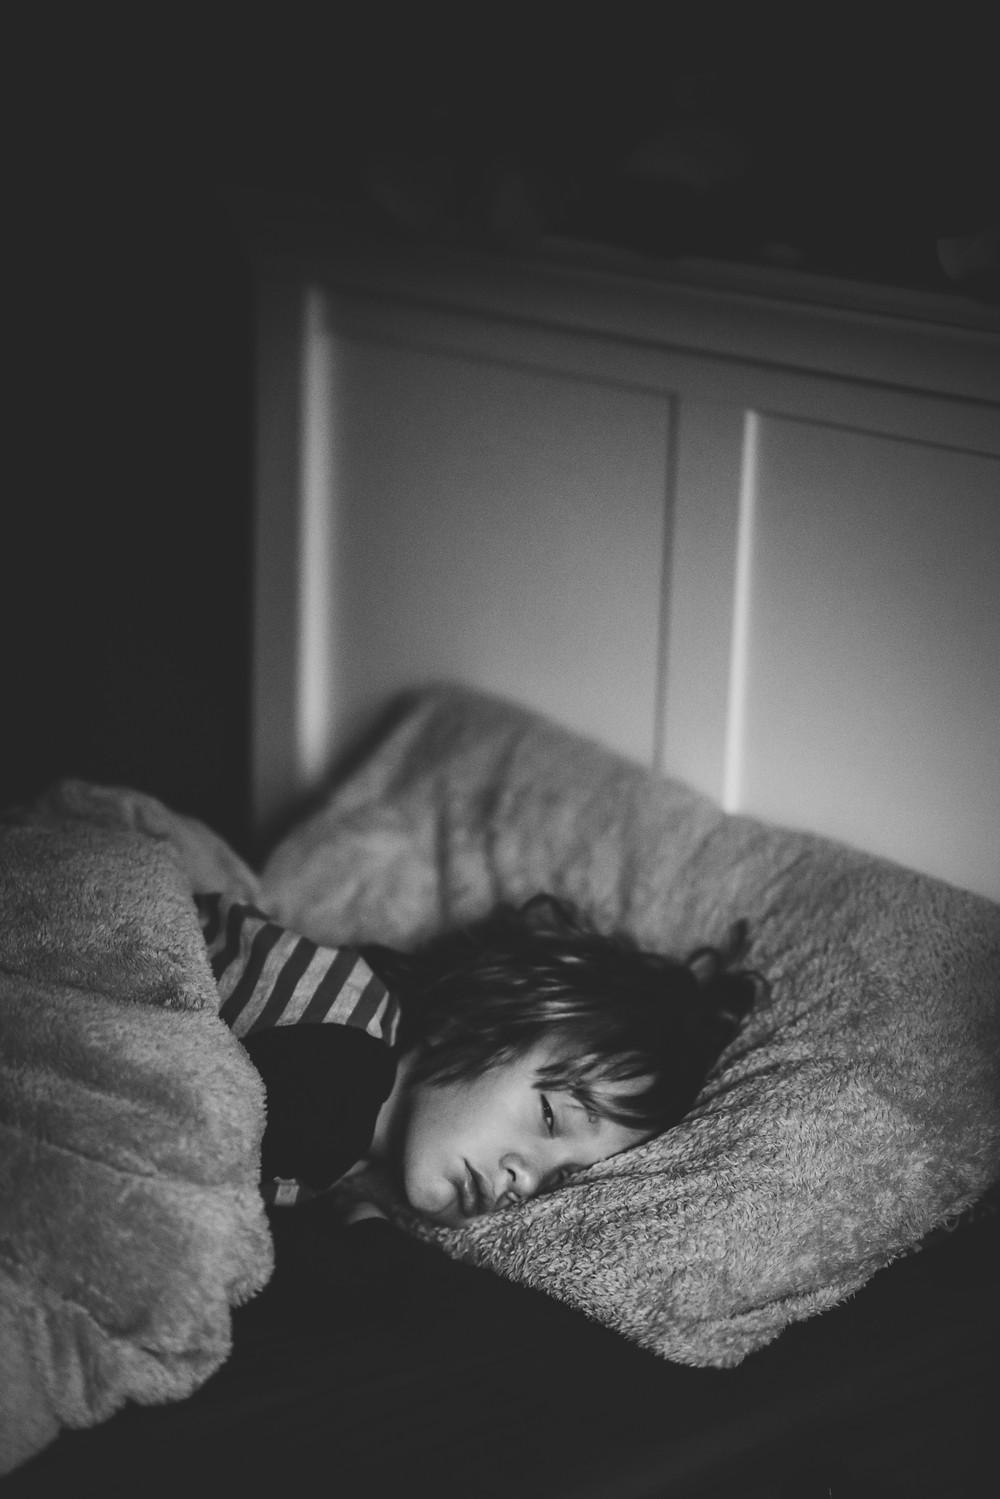 Criança prestes a dormir